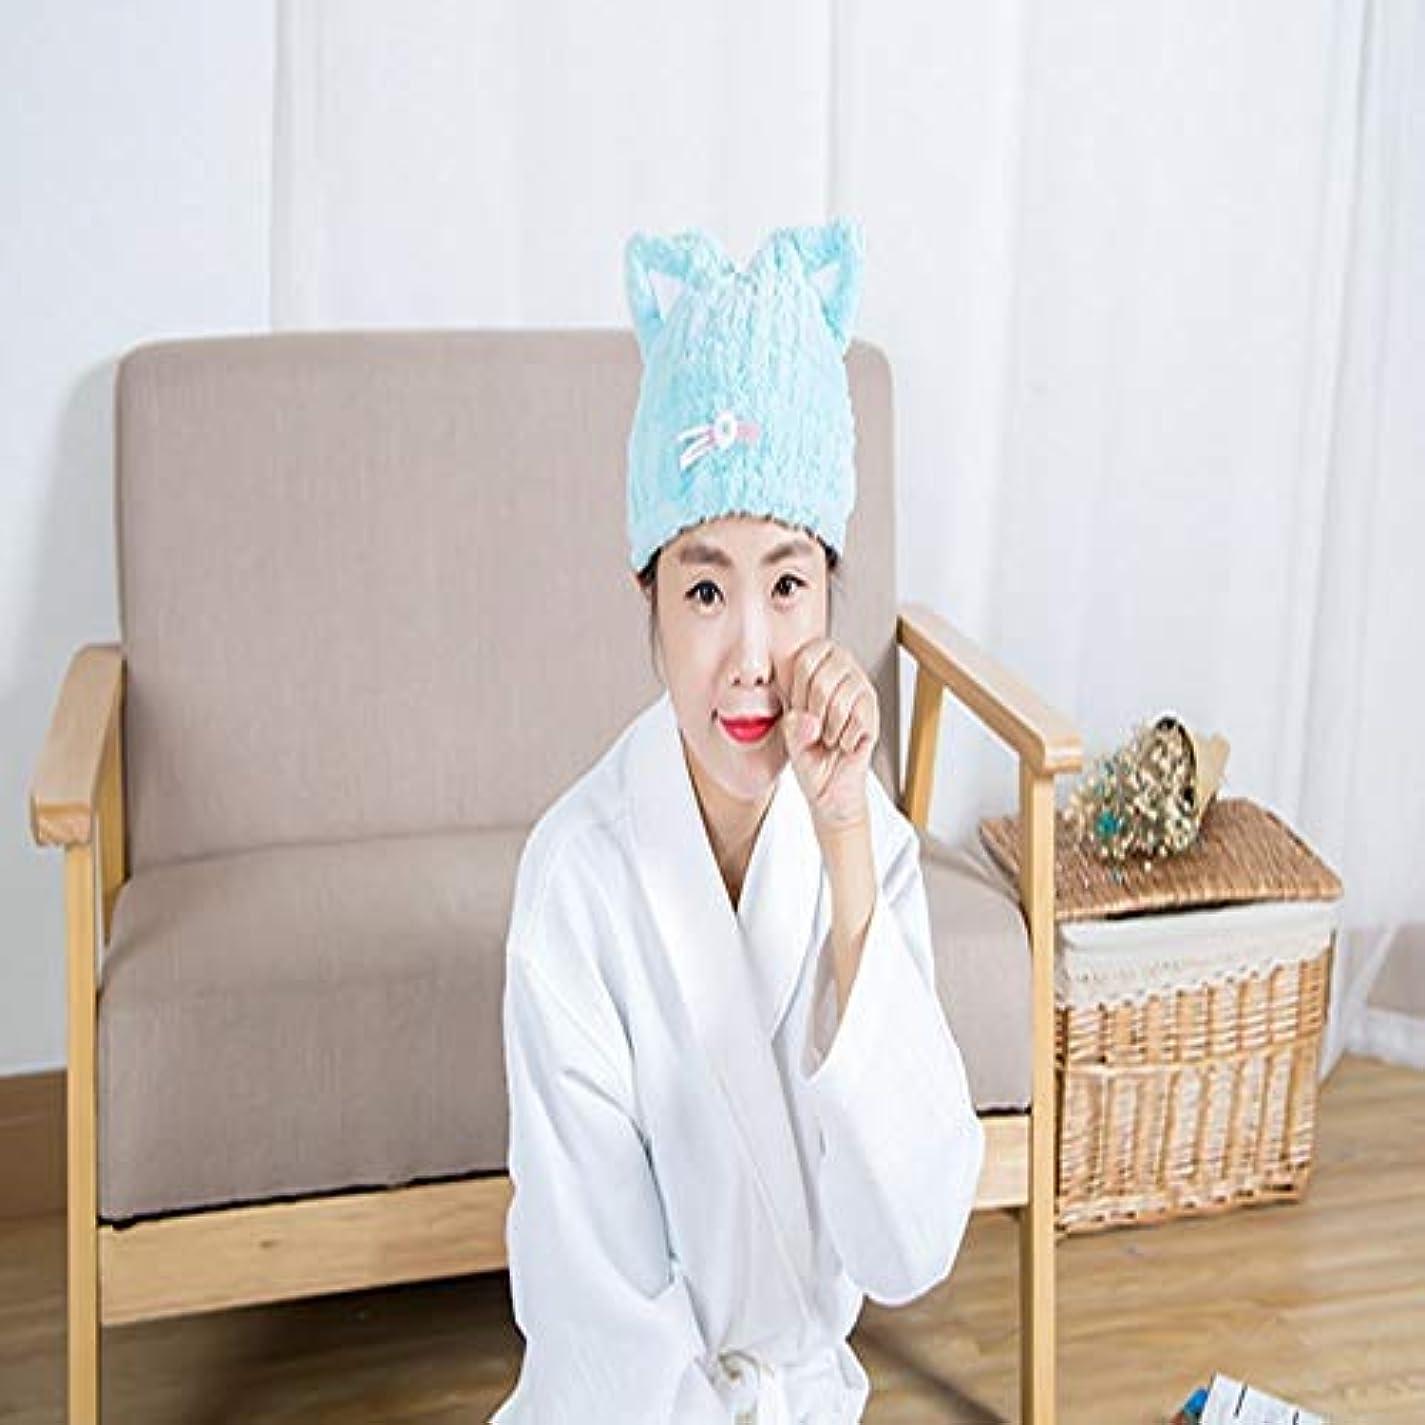 行政ジョブソーダ水LBLMS シャワーキャップ、かわいい漫画ドライシャワーキャップすべての髪の長さと豪華なシャワーキャップの厚さ、再利用可能なシャワー。 (Color : 6)